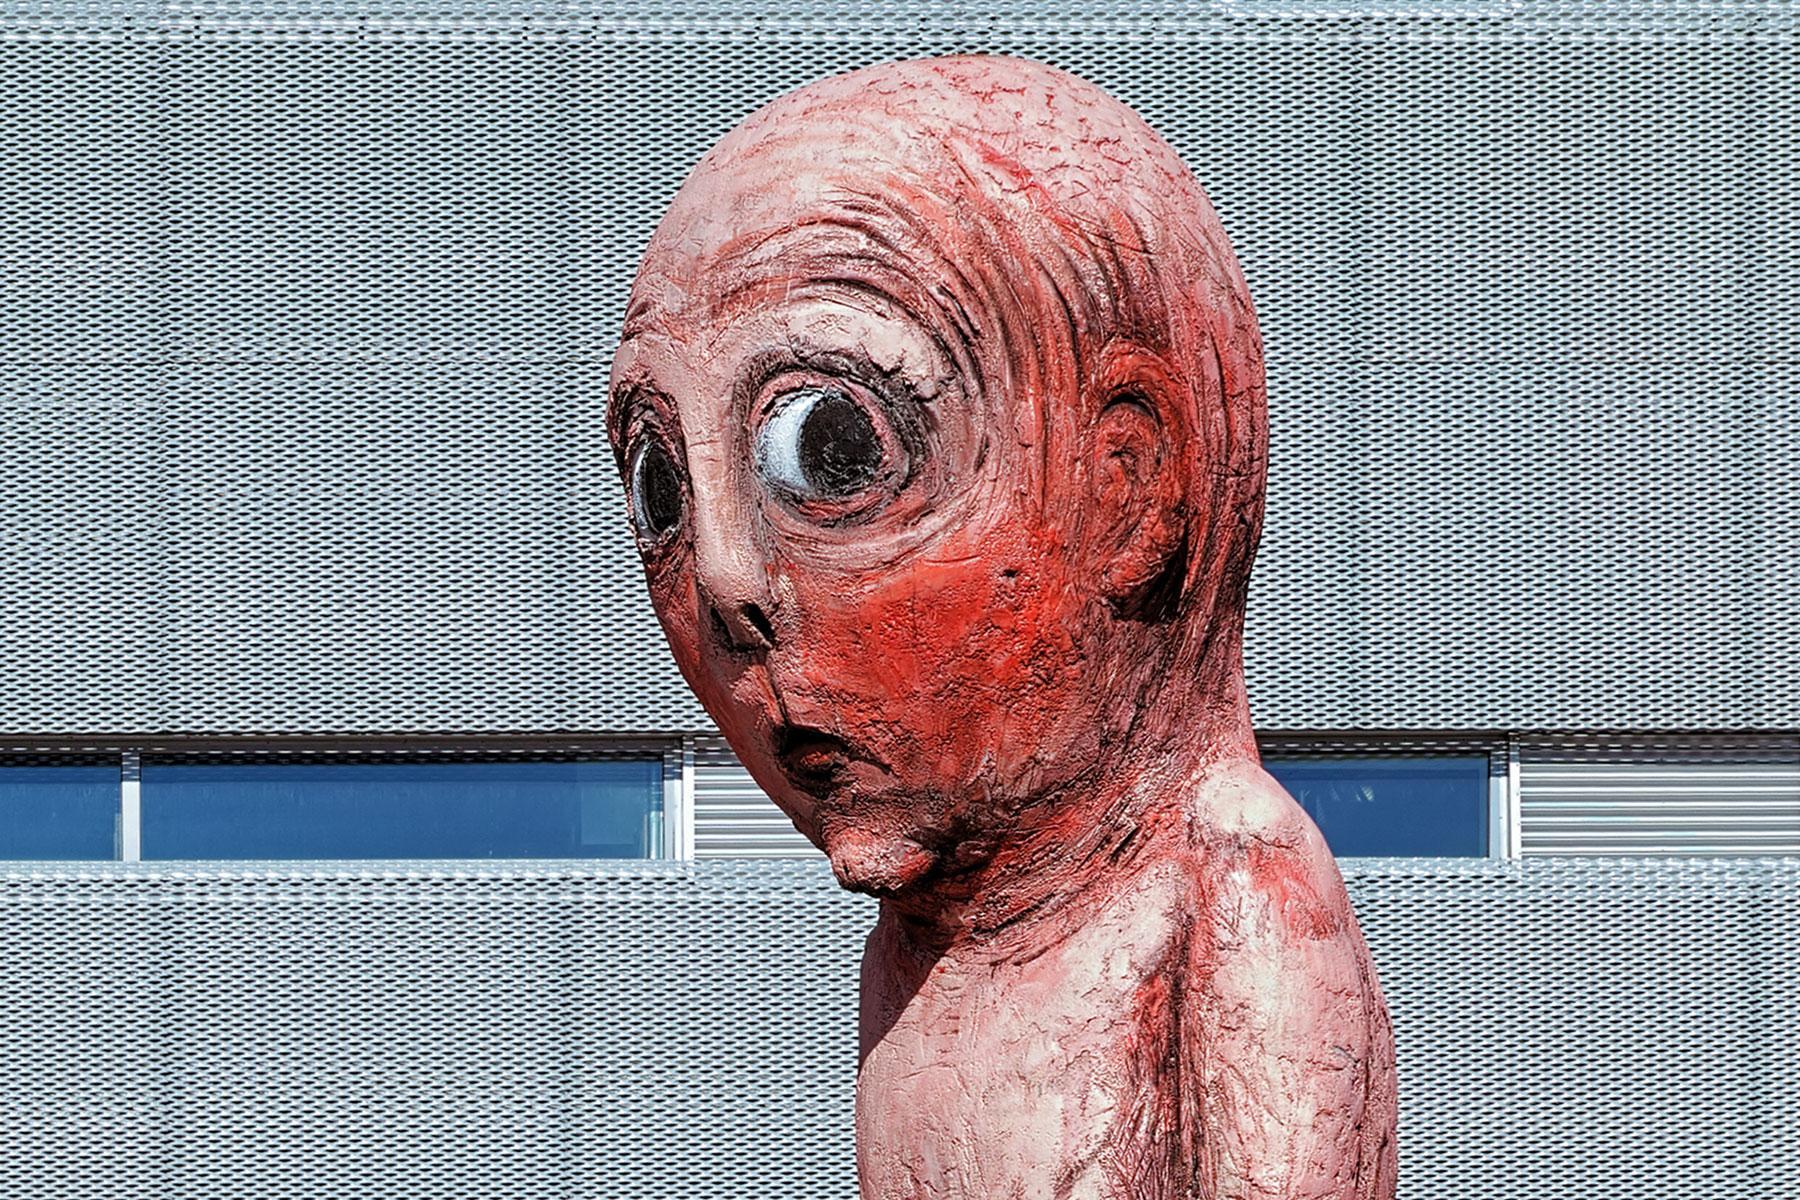 15 VERY Weird Statues | 1800 x 1200 jpeg 583kB